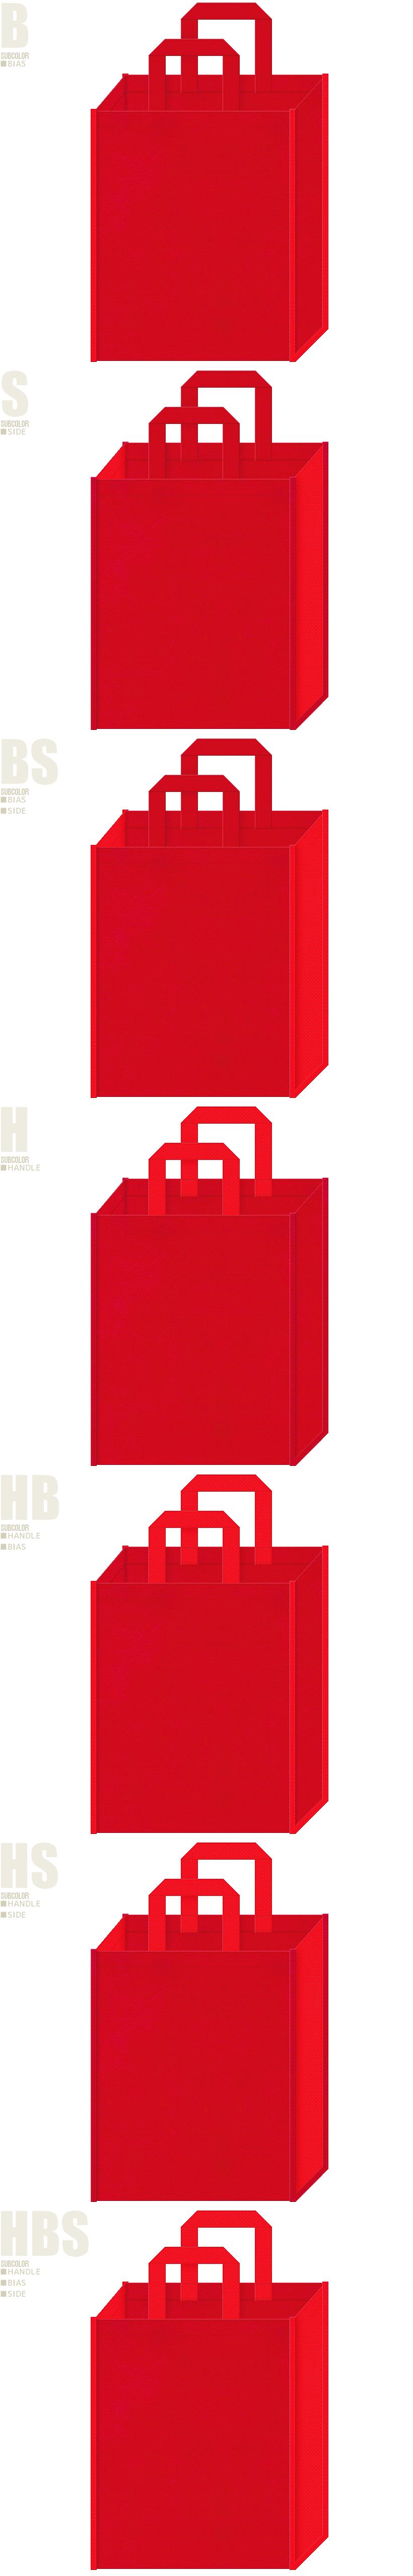 鎧兜・端午の節句・赤備え・お城イベント・紅葉・観光土産・クリスマス・暖炉・ストーブ・お正月・福袋にお奨め:紅色と赤色の配色7パターン